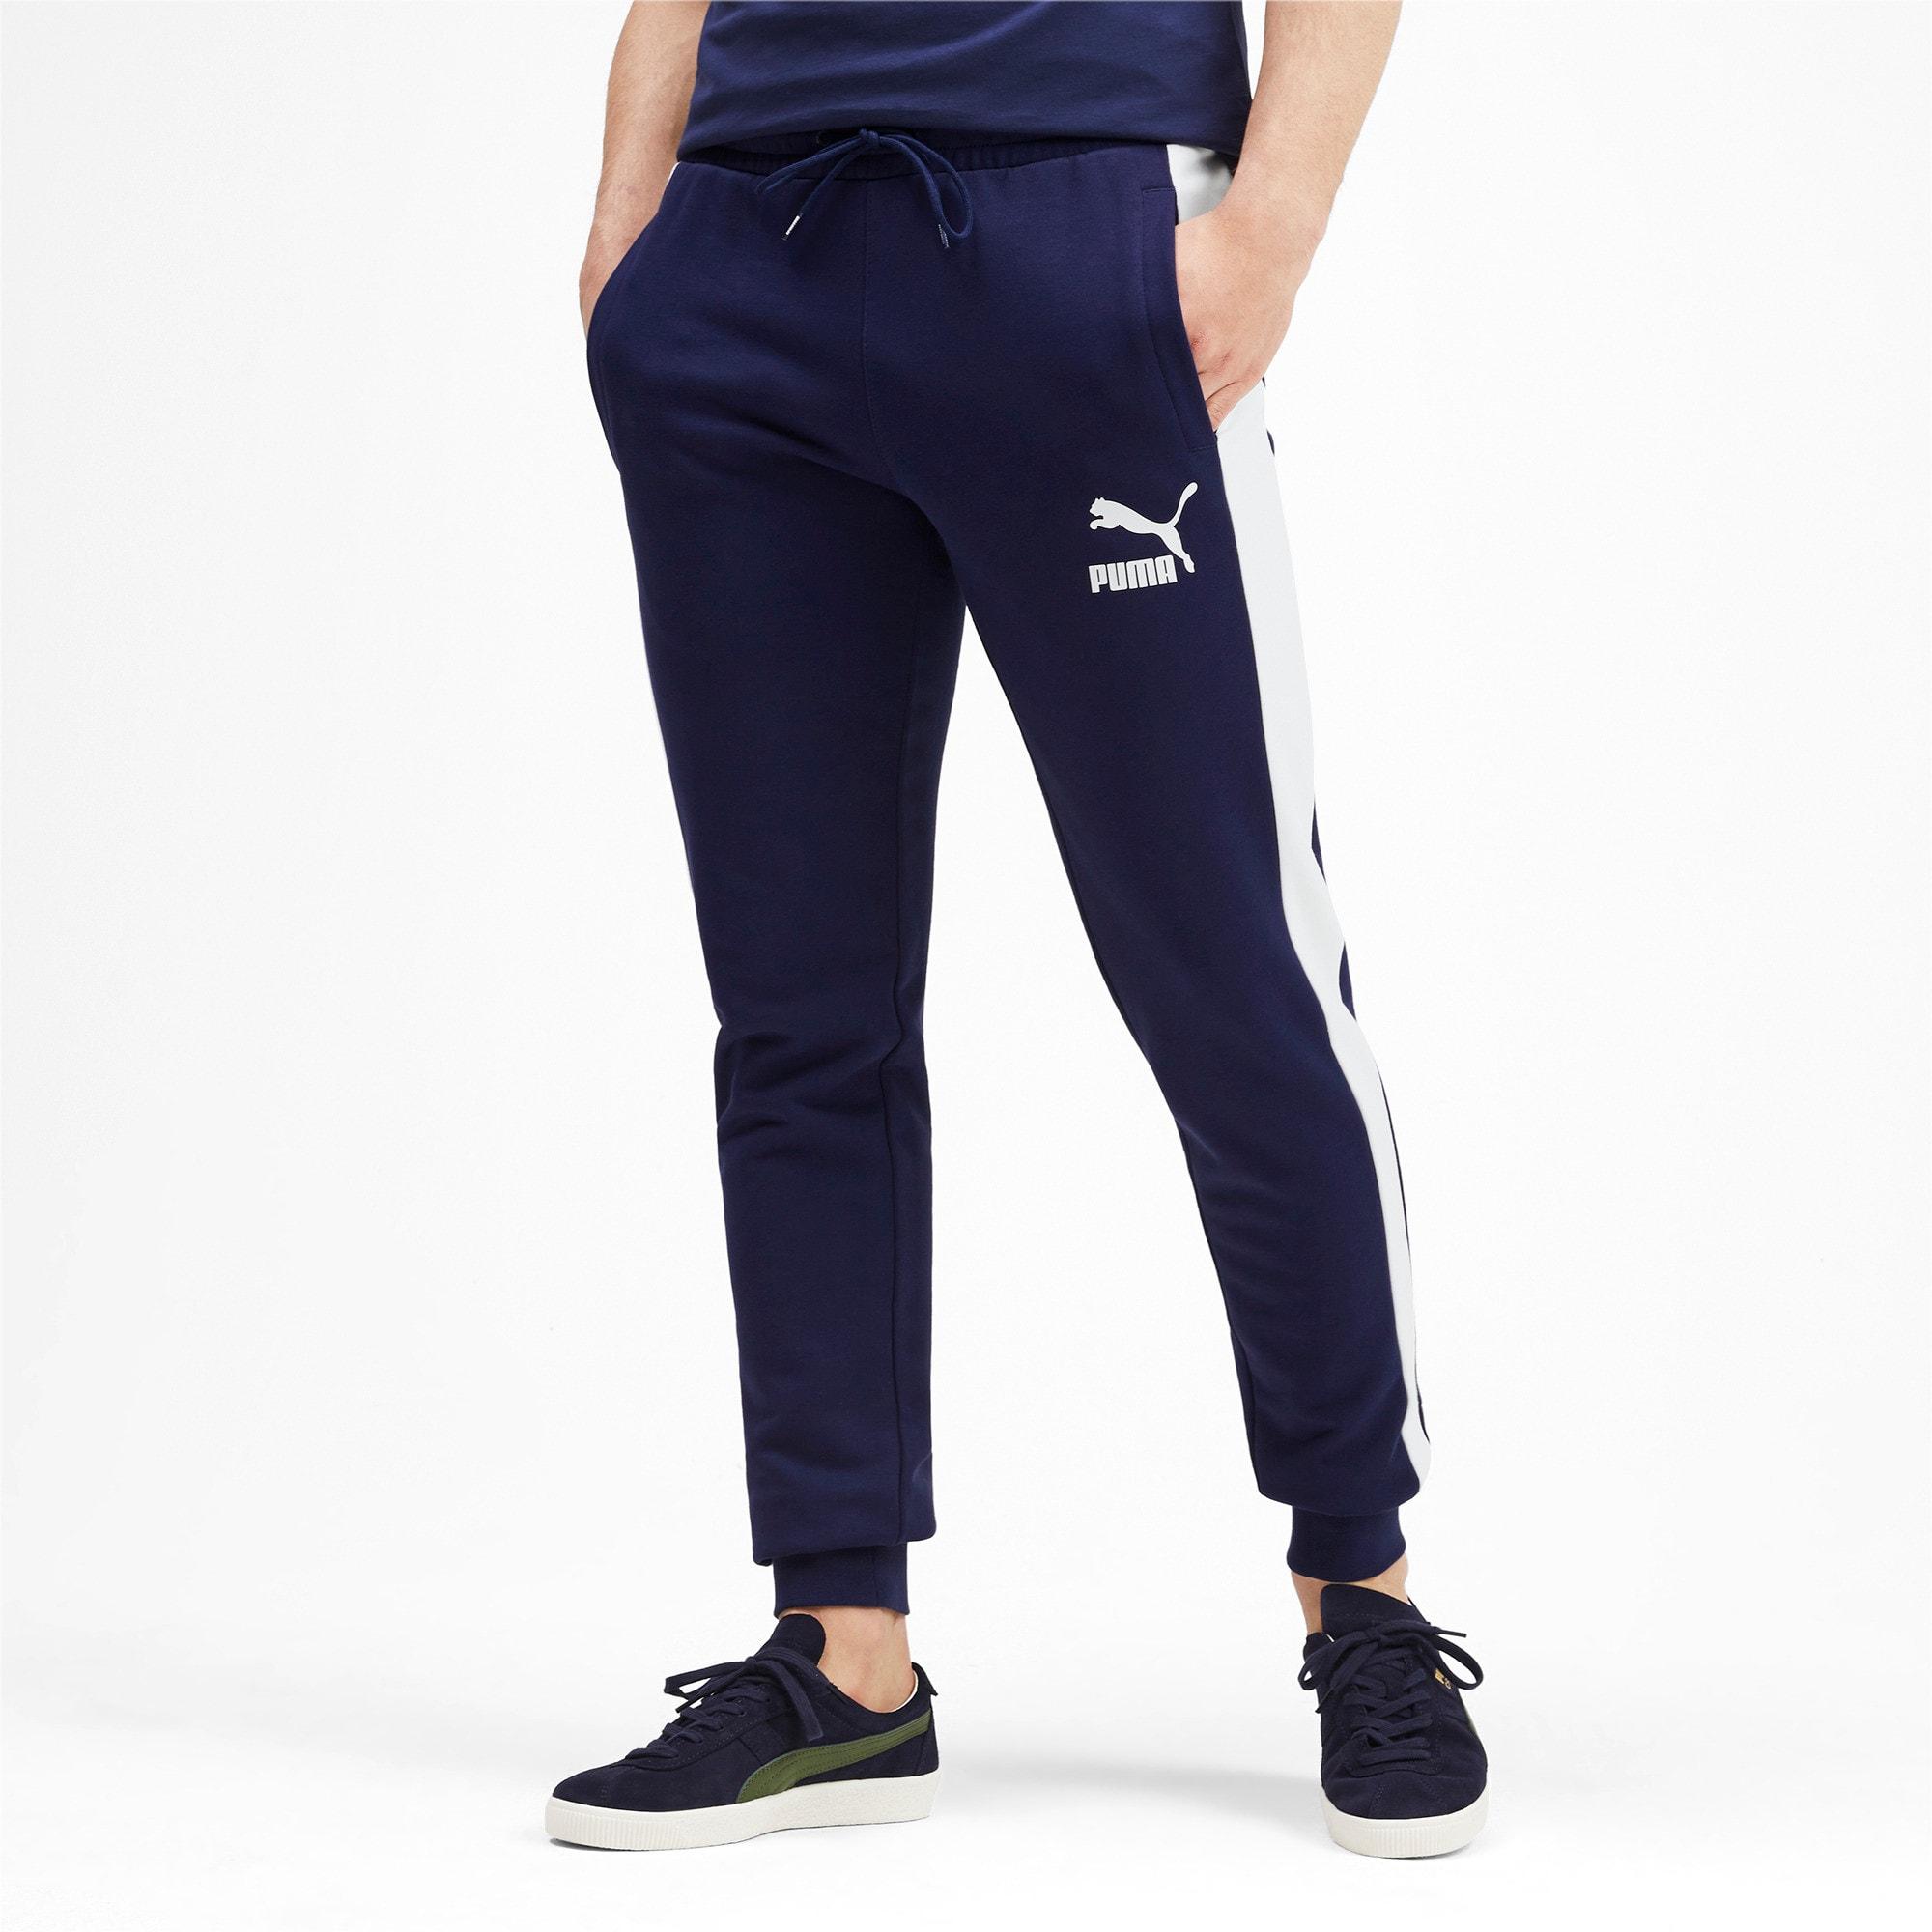 Thumbnail 2 of Iconic T7 Men's Track Pants, Peacoat, medium